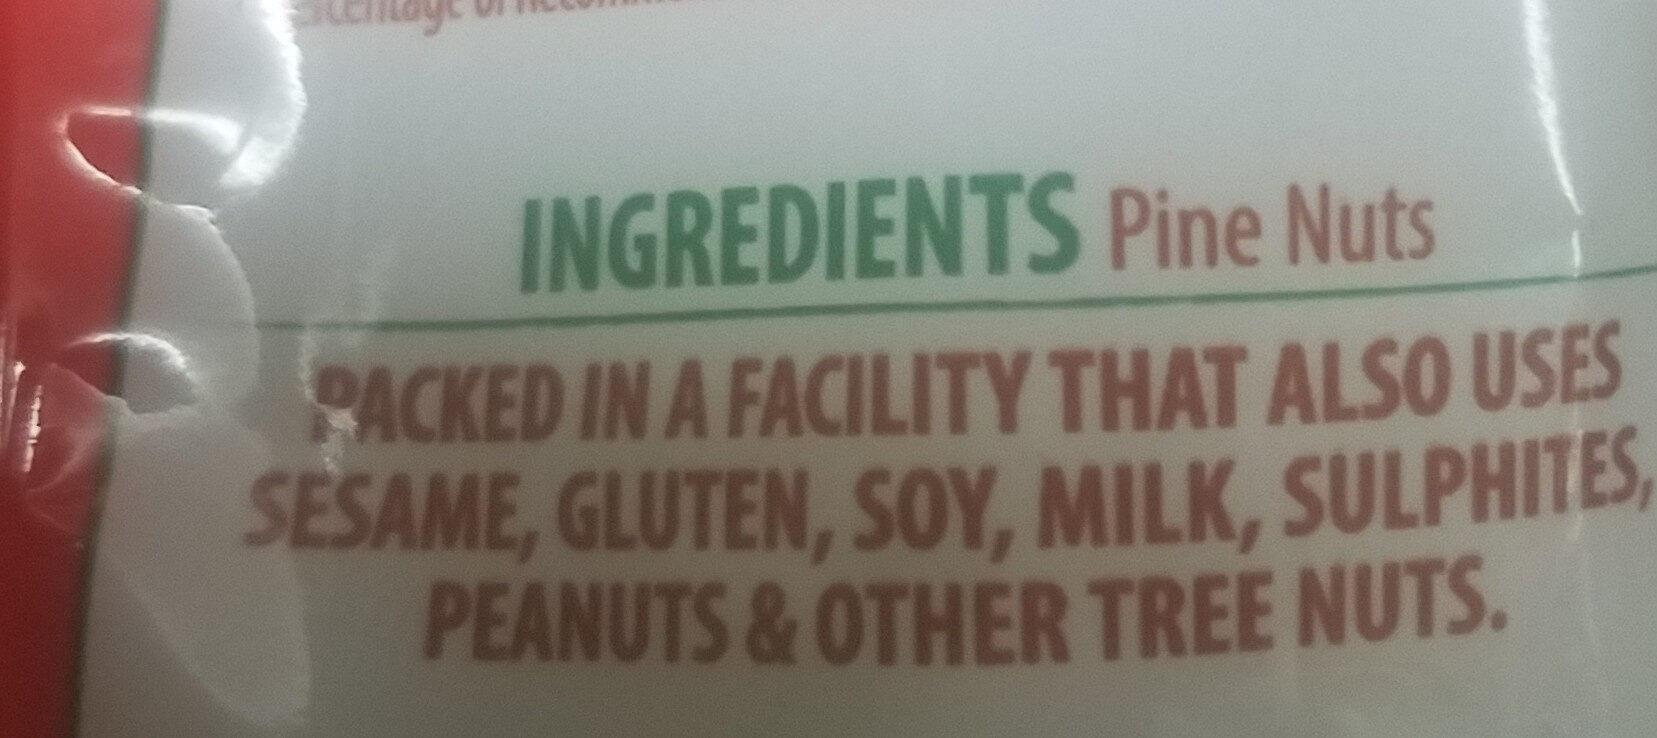 Value Pack Premium Pine Nuts - Ingredients